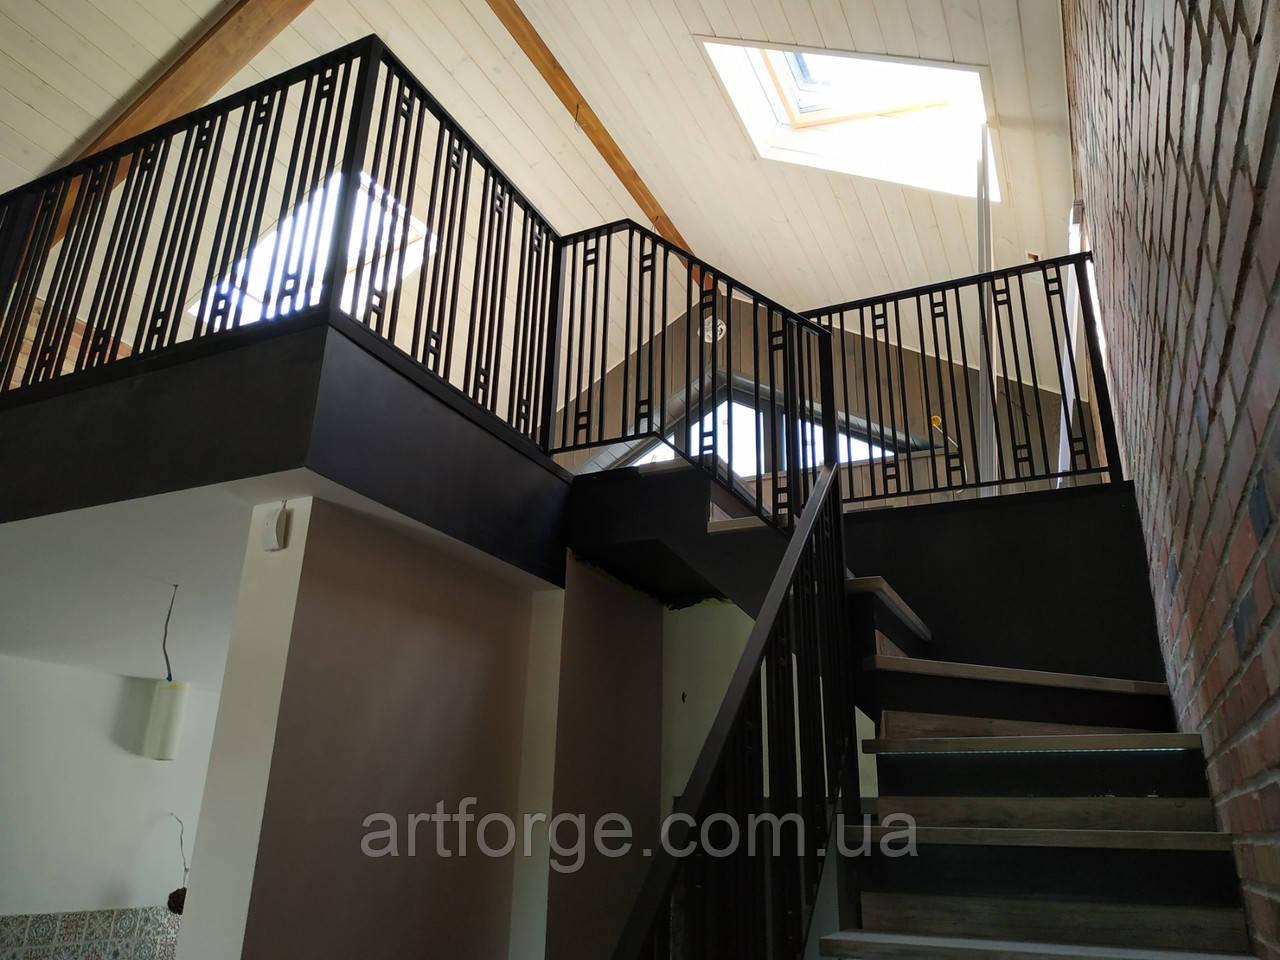 Ограждение из металла для террасы, лестницы, балкона.